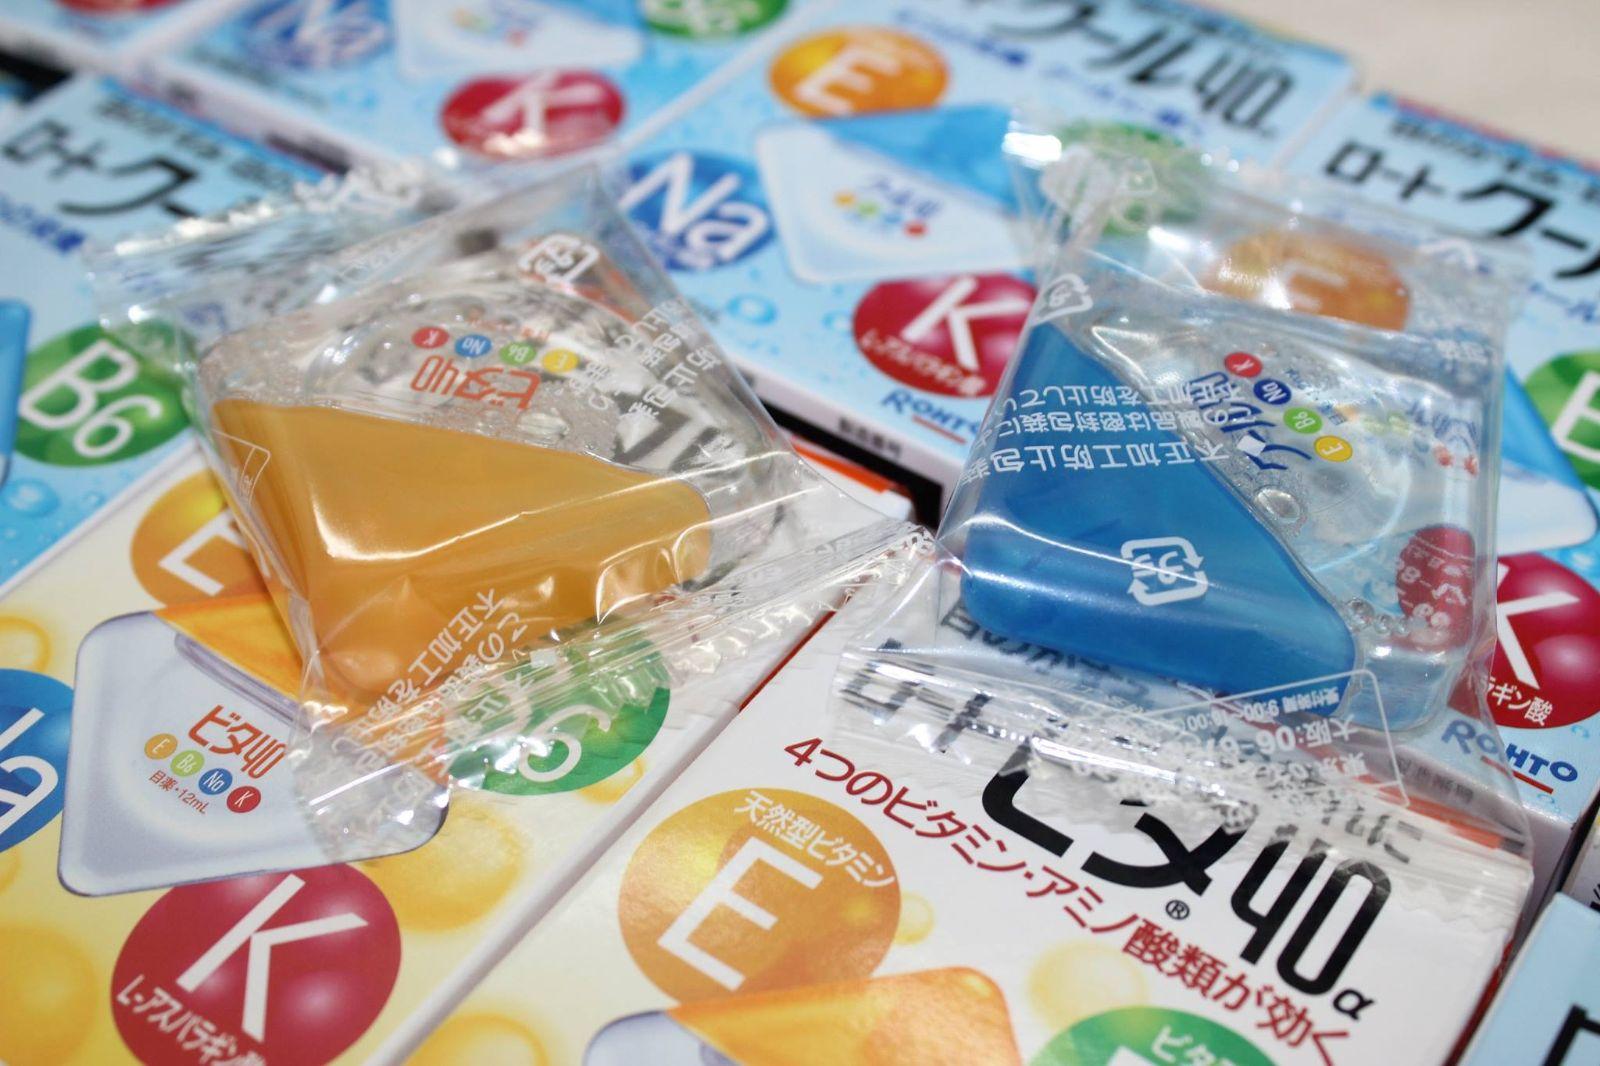 Thuốc nhỏ sáng mắt Rohto nhập khẩu 100 % từ Nhật Bản